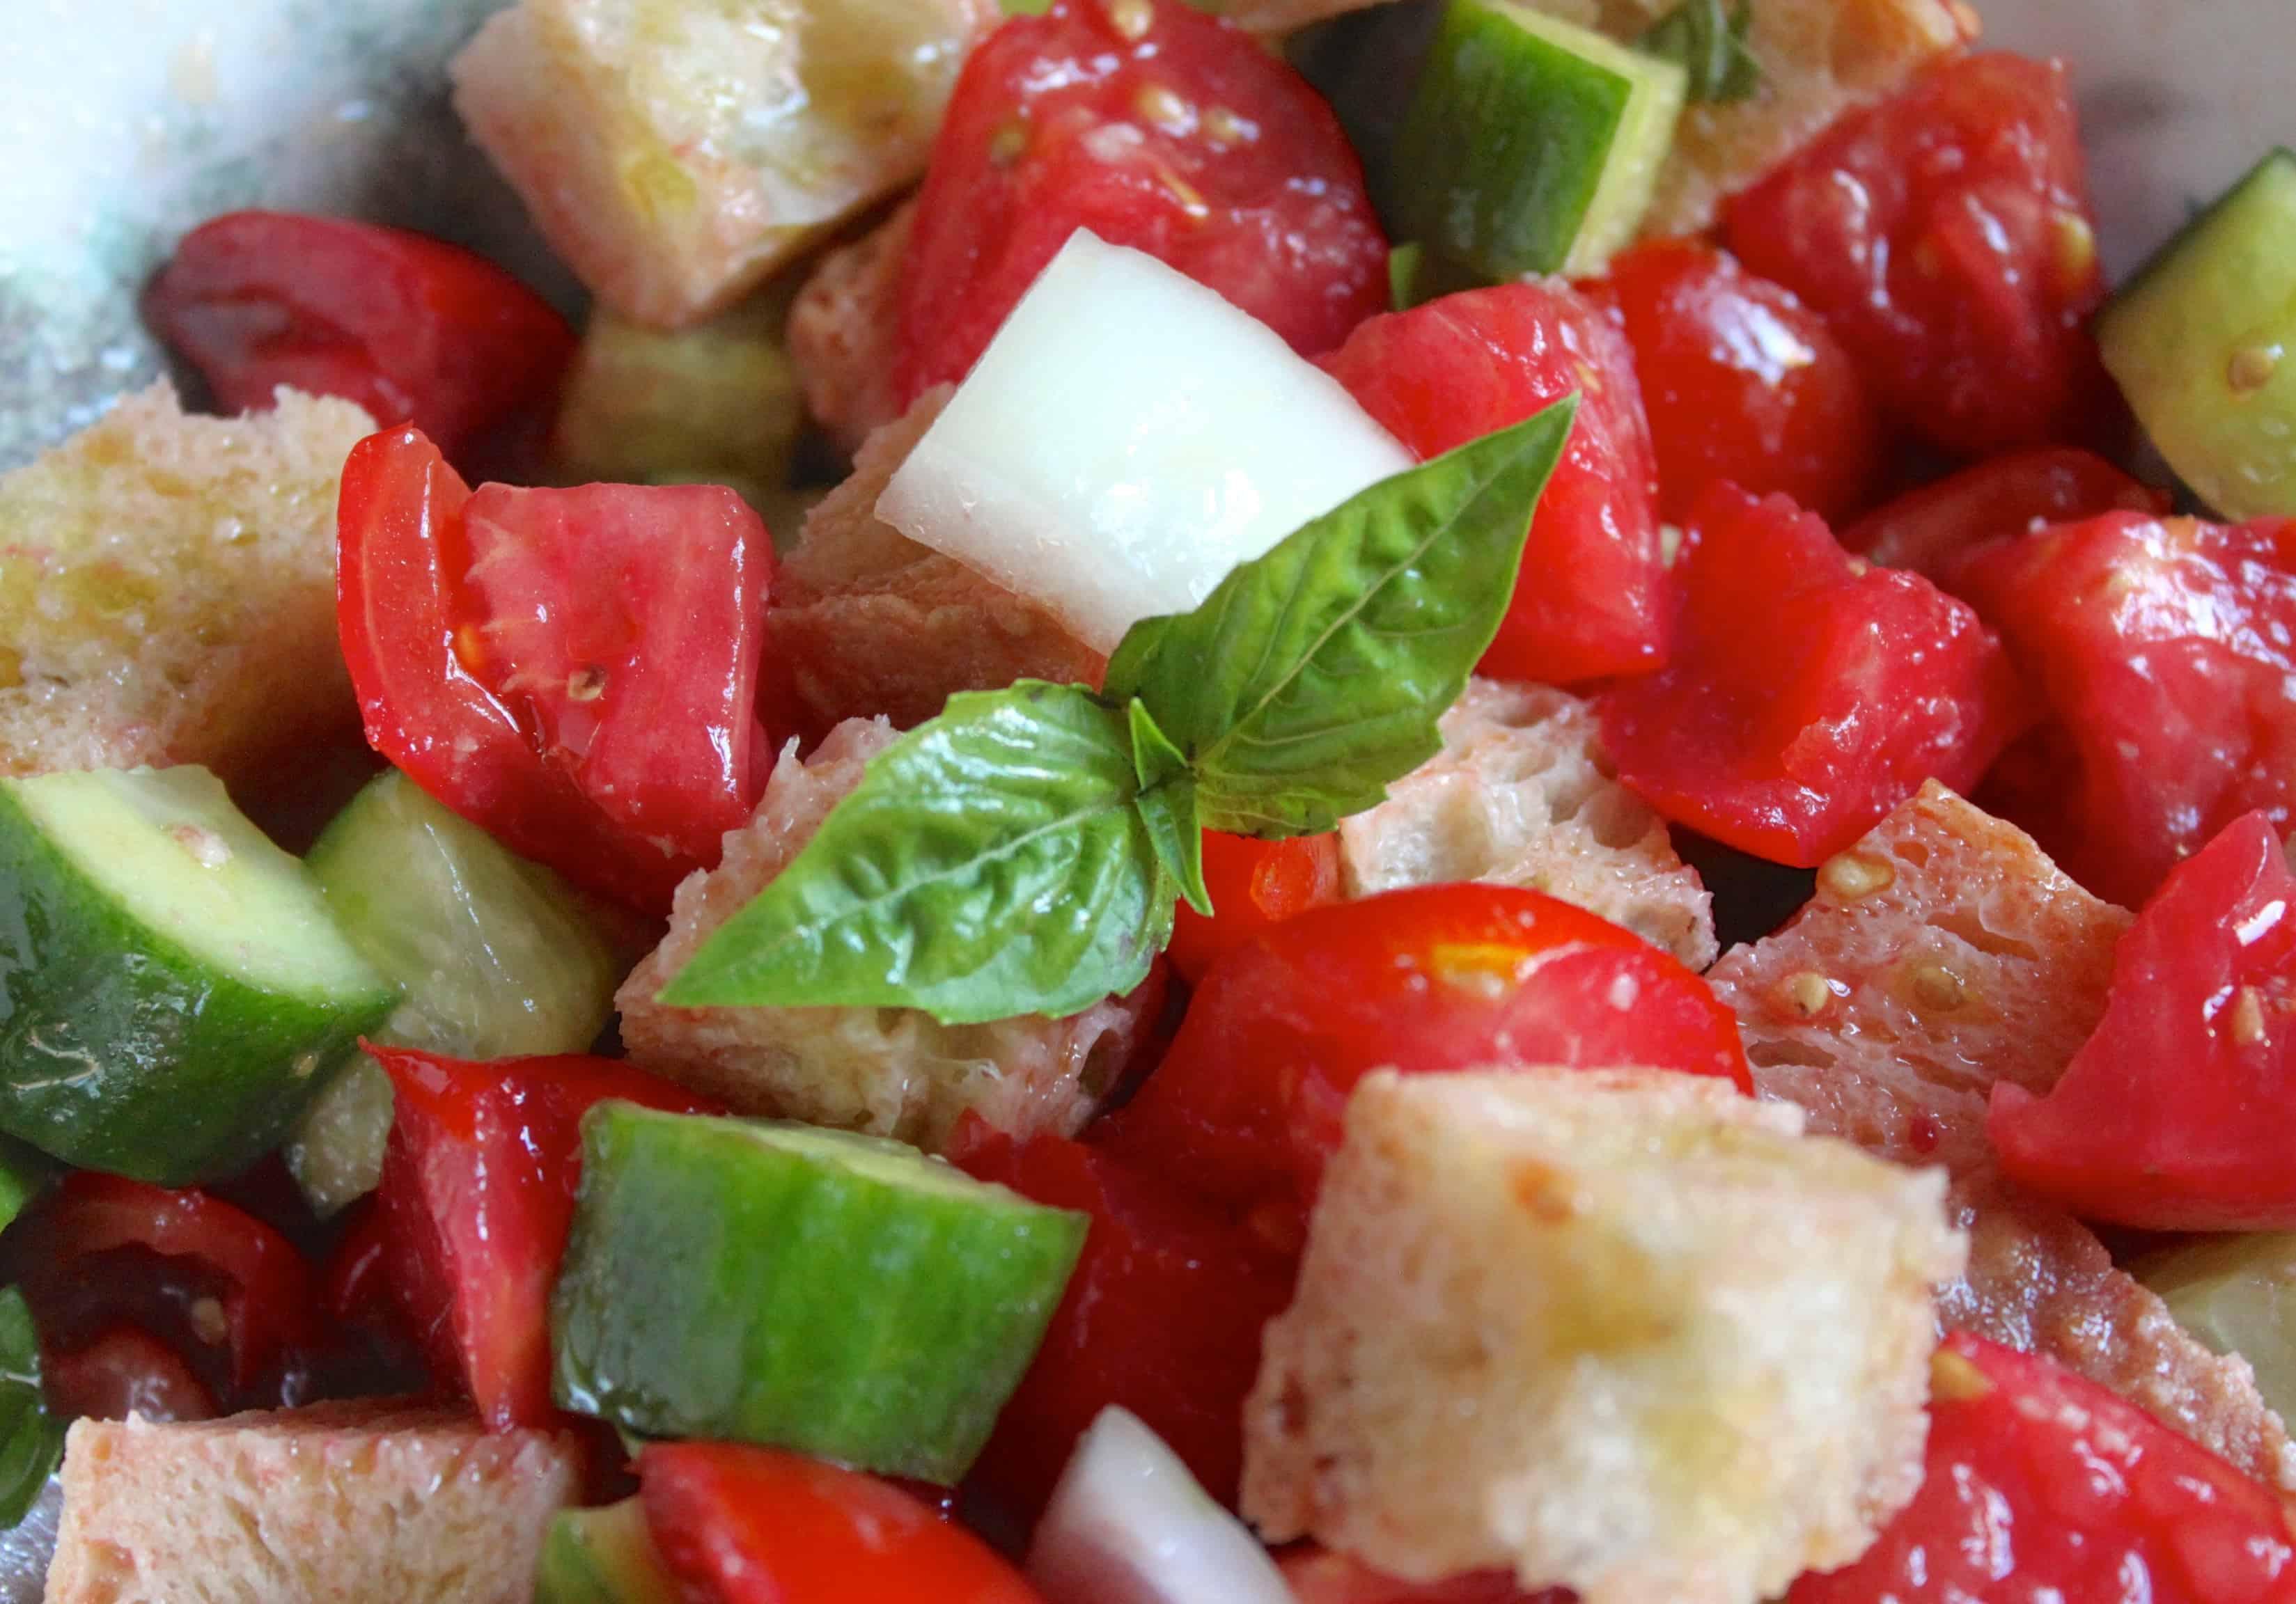 Panzanella: Italian Bread and Tomato Salad